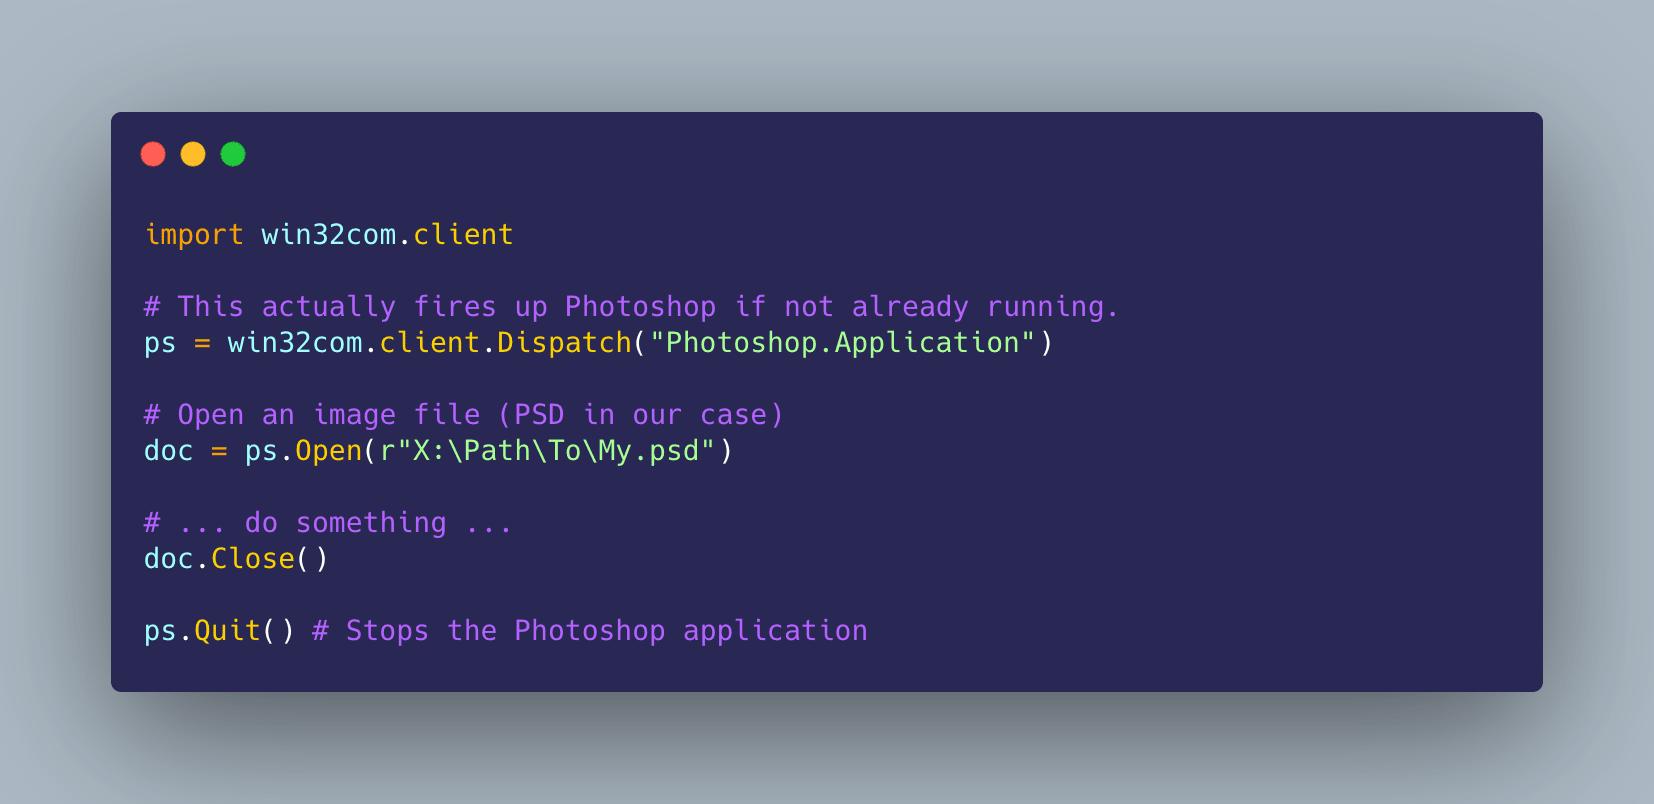 Automating image processing on Photoshop using Python code